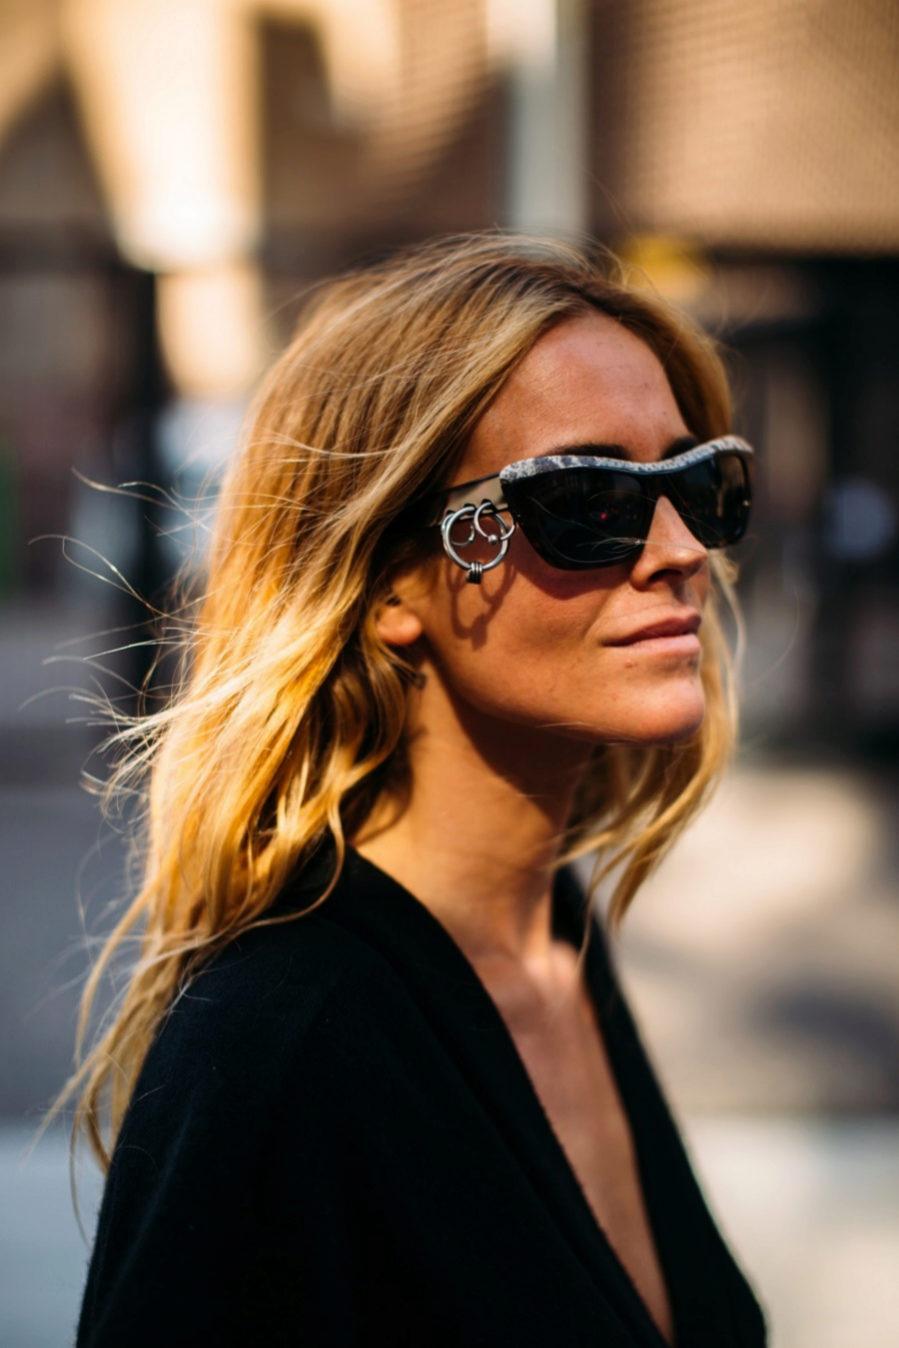 Las gafas de sol serán muy grandes o muy pequeñas, según el